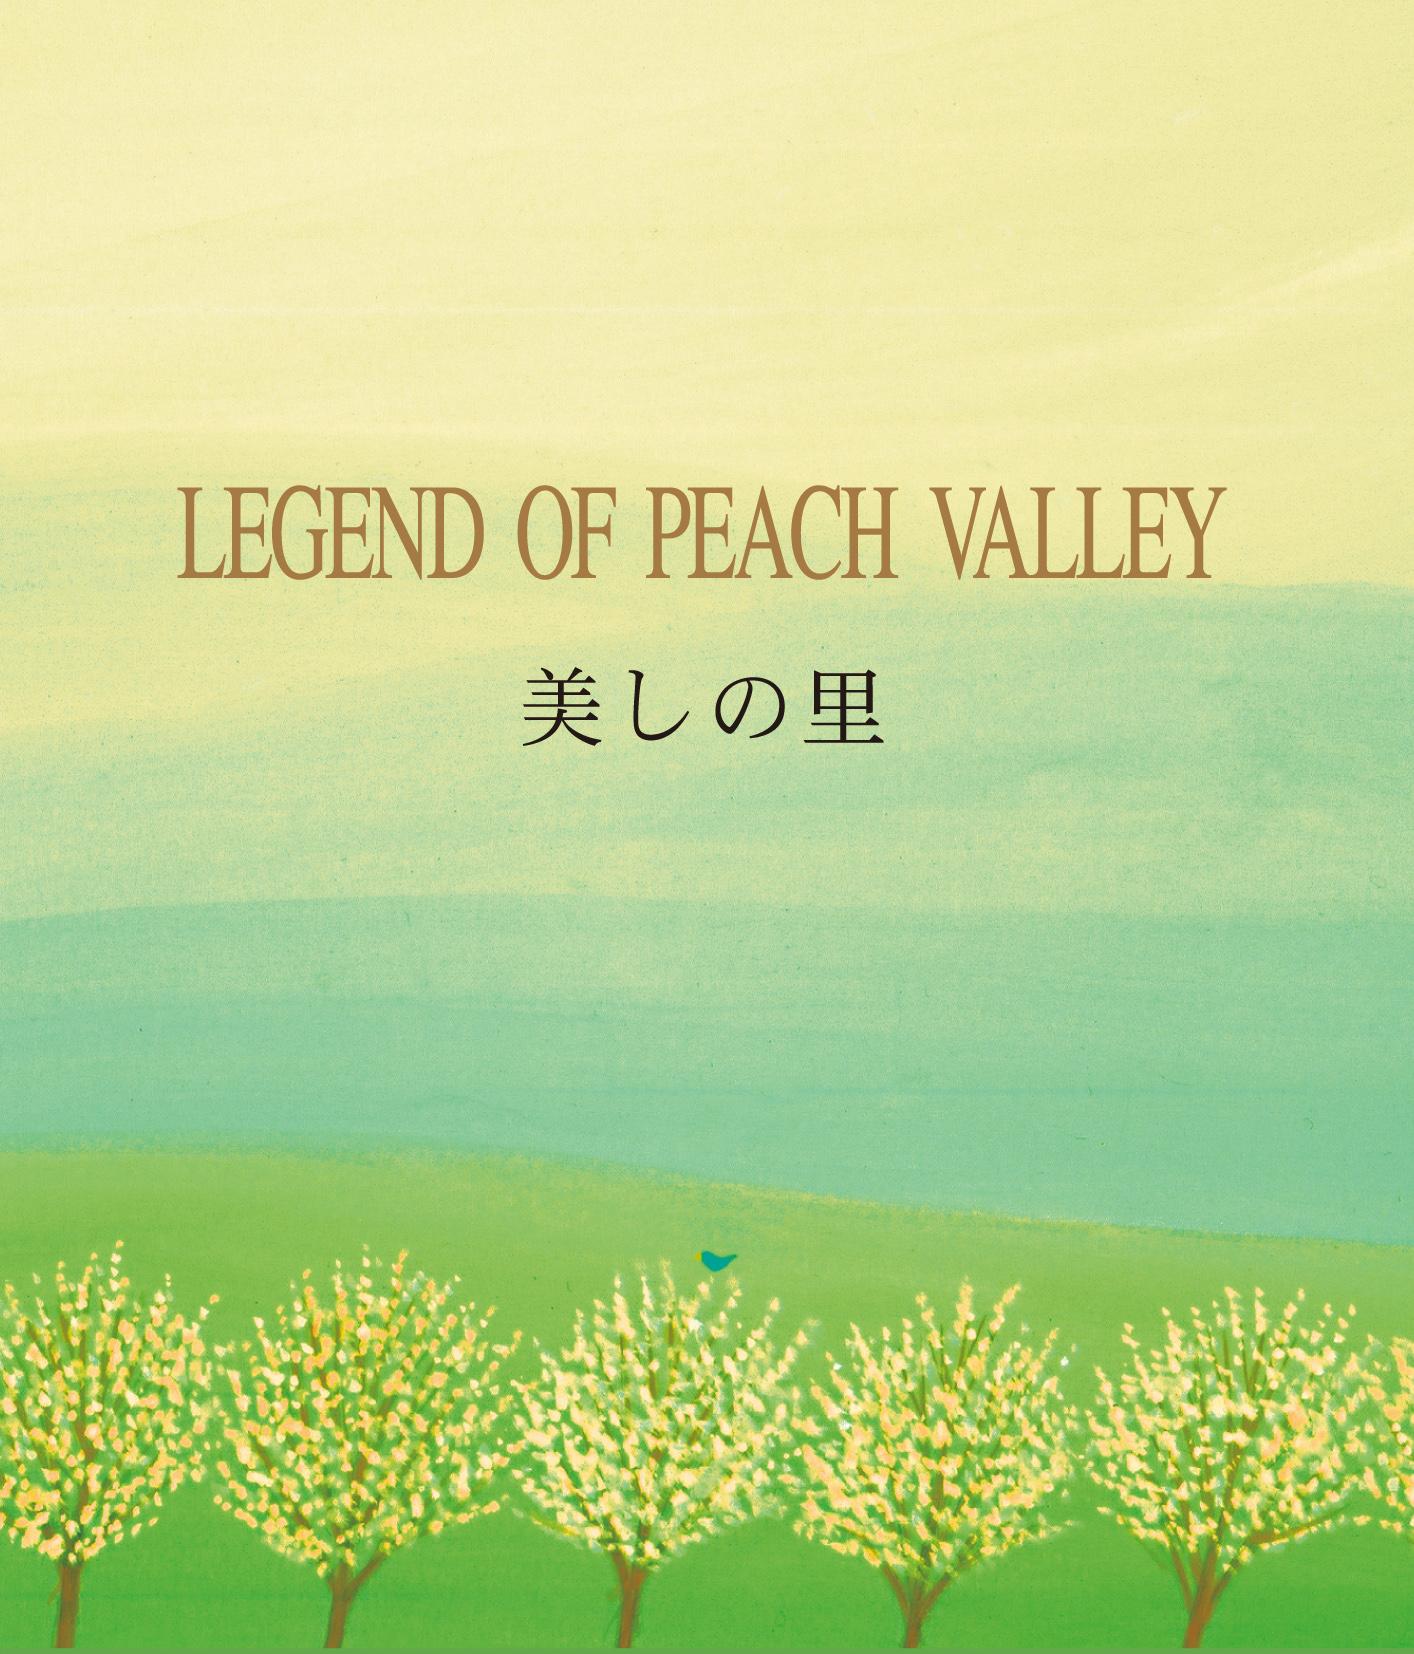 美しの里〜LEGEND OF PEACH VALLEY 黒石ひとみ